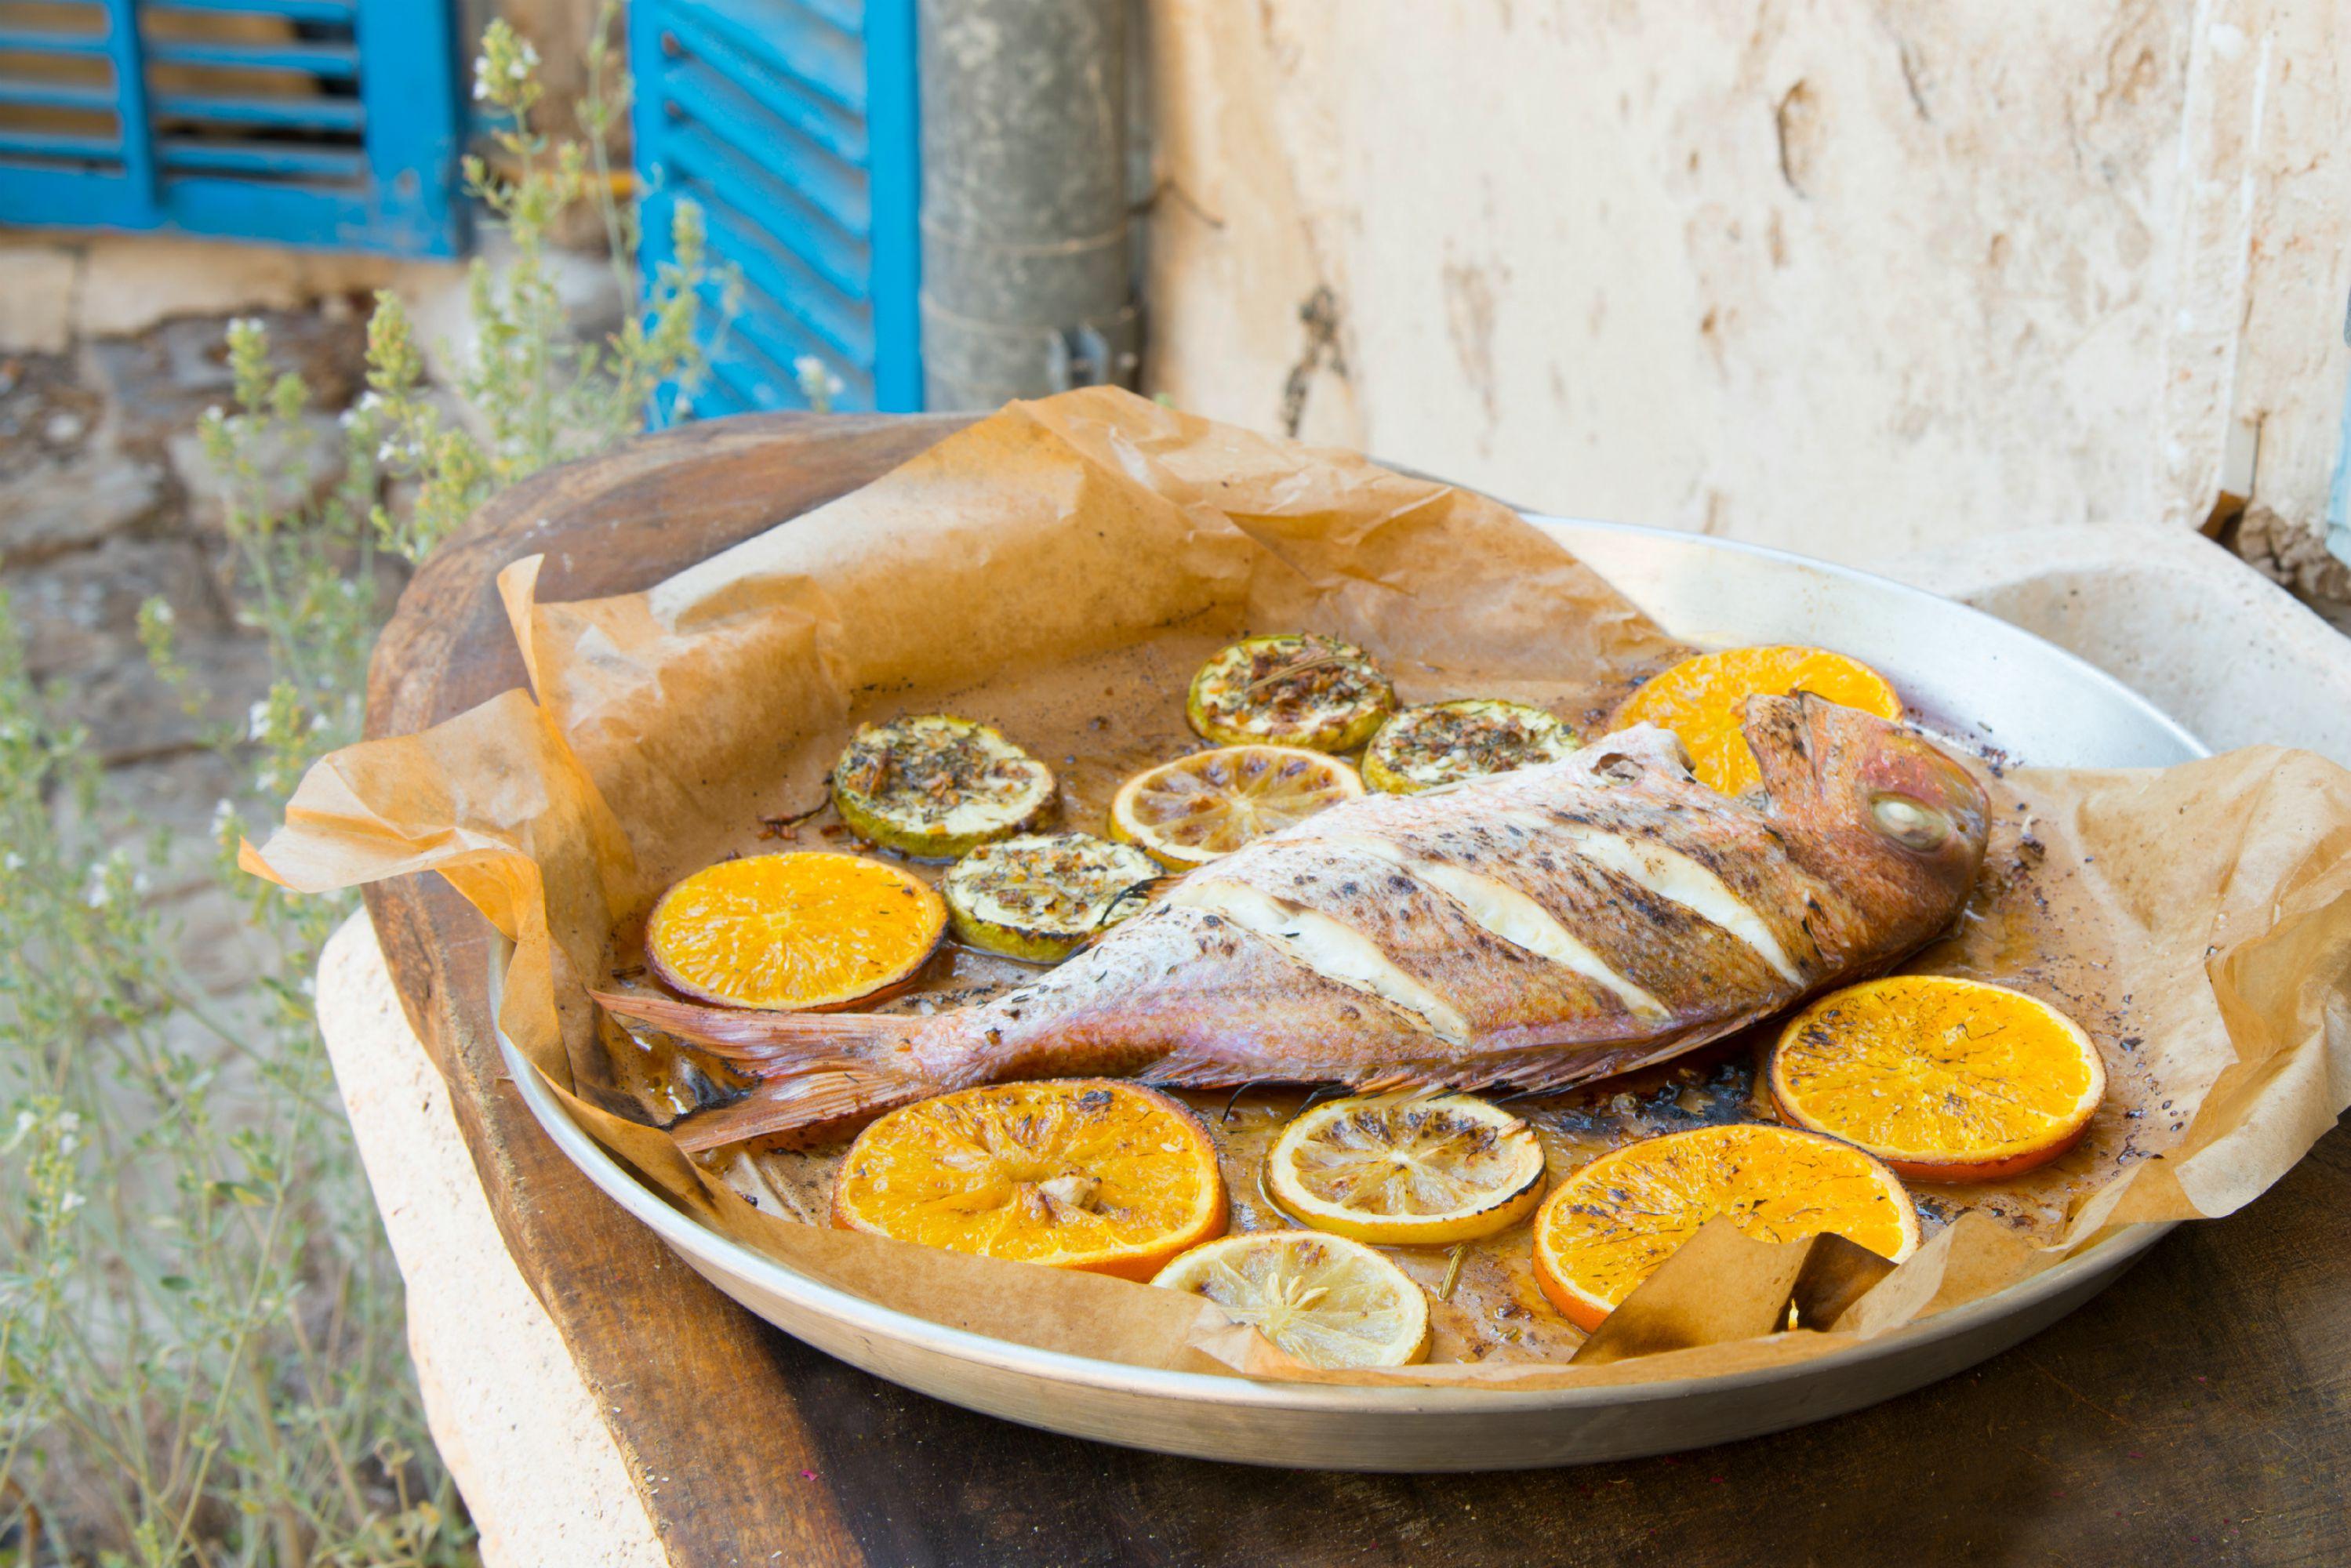 דג בתערובת אנטיפסטי והדרים